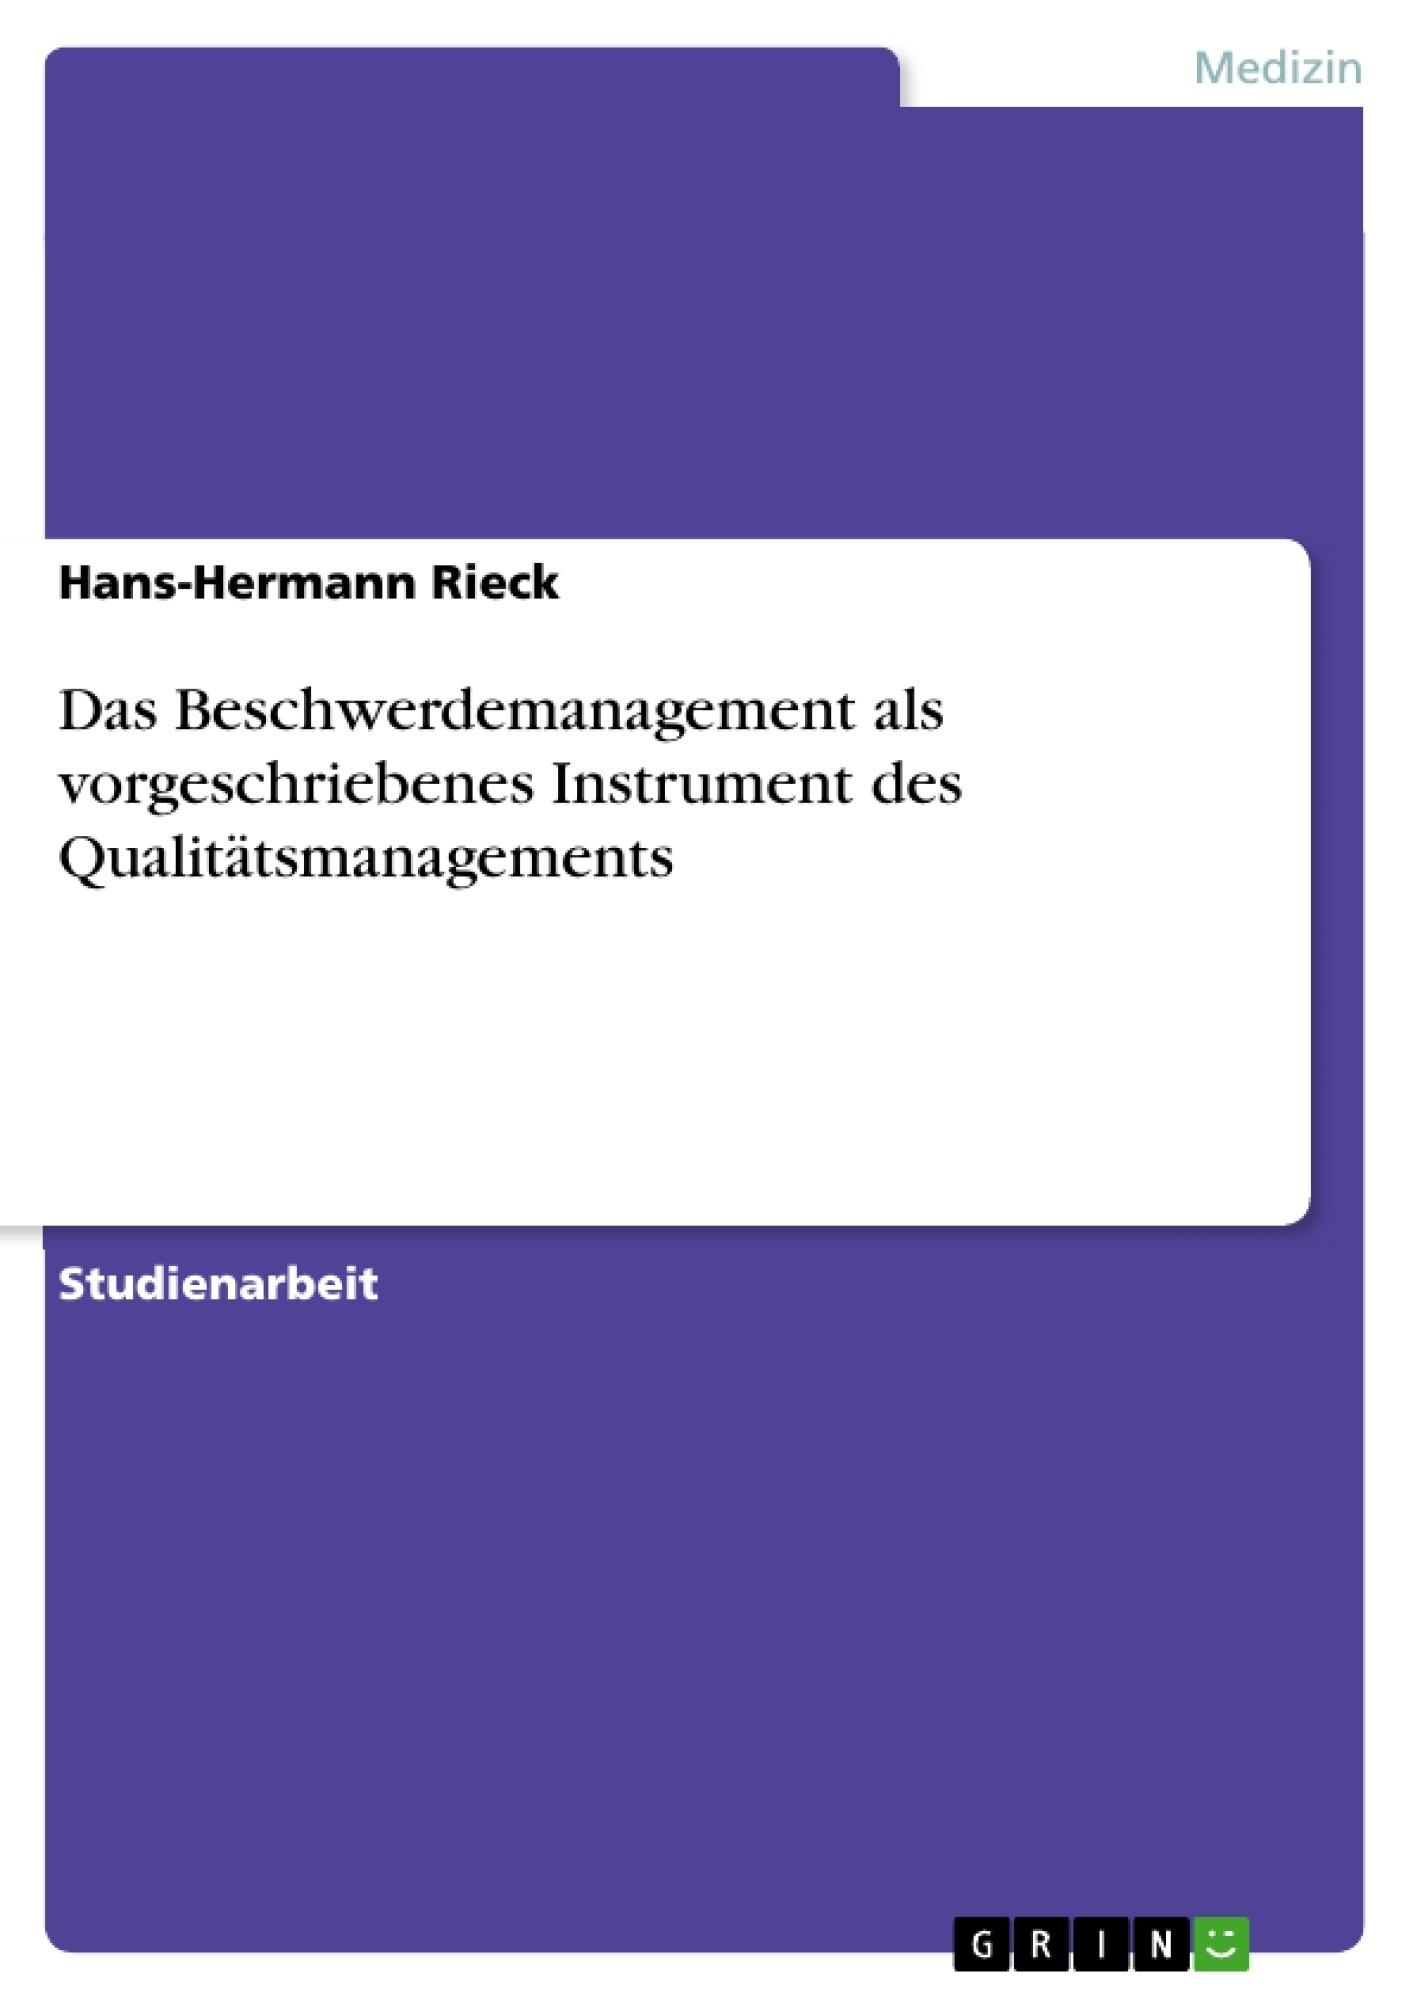 Titel: Das Beschwerdemanagement als vorgeschriebenes Instrument des Qualitätsmanagements